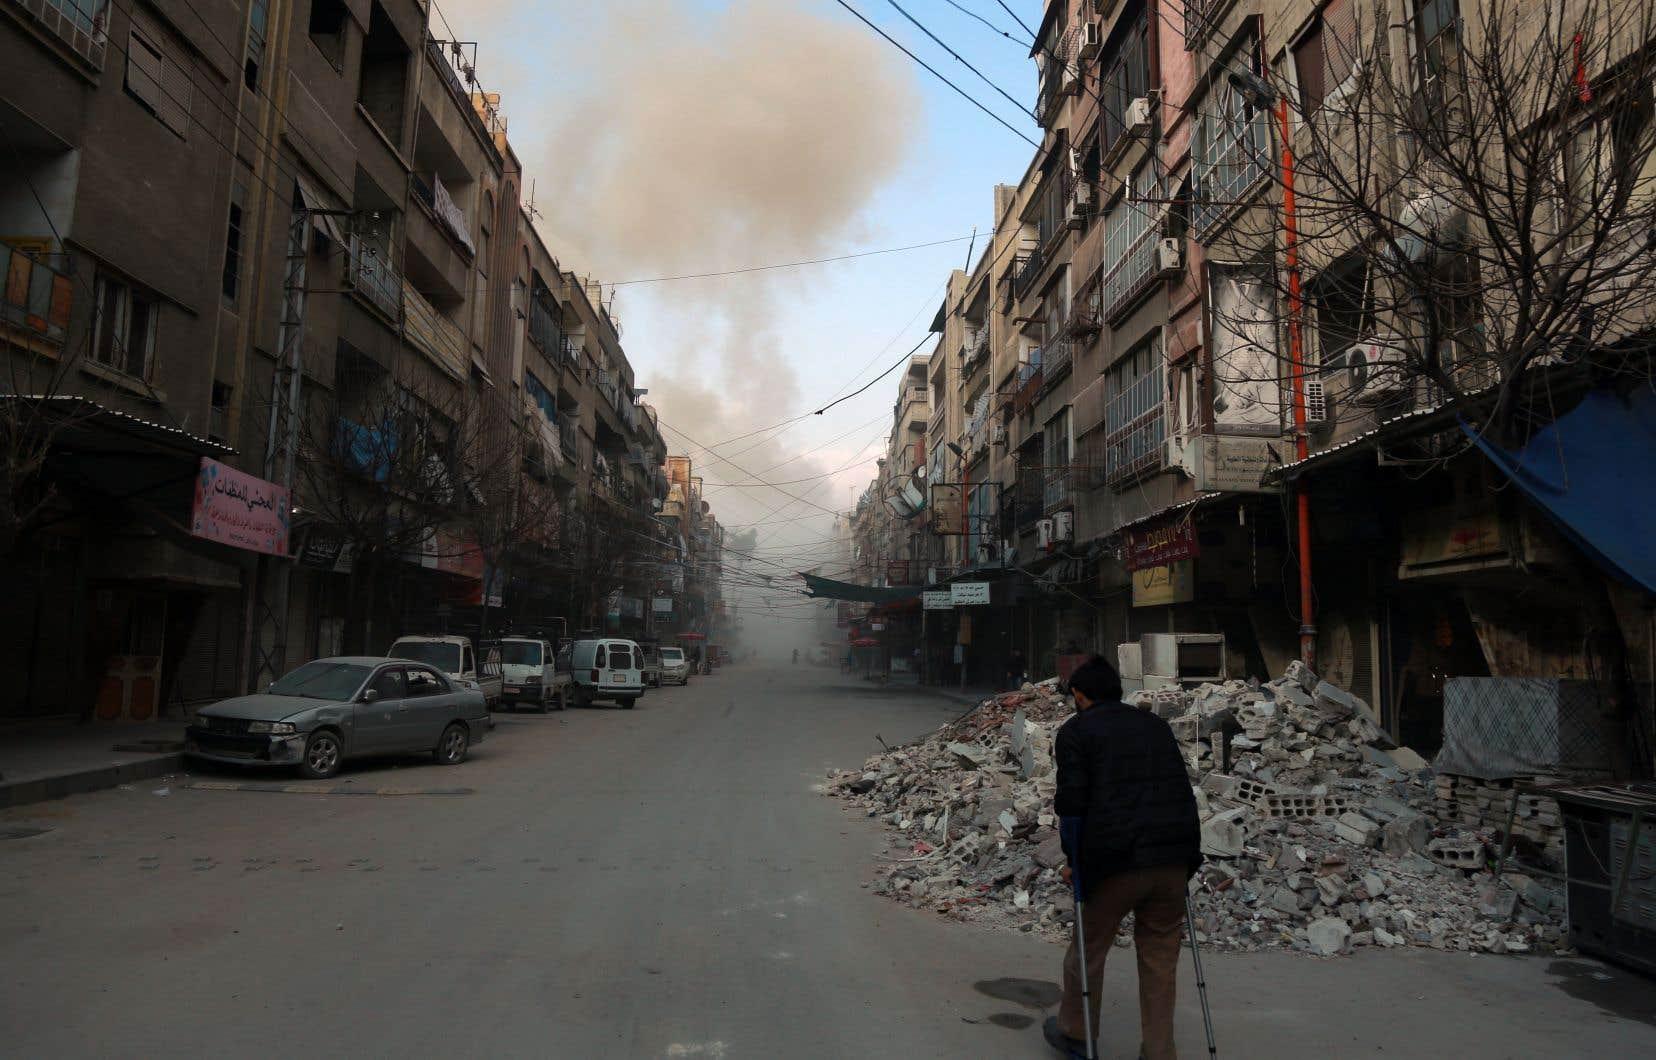 Un homme syrien en béquilles dans une rue de Douma, une ville rebelle de la Ghouta orientale, peu après un raid aérien du régime syrien, vendredi